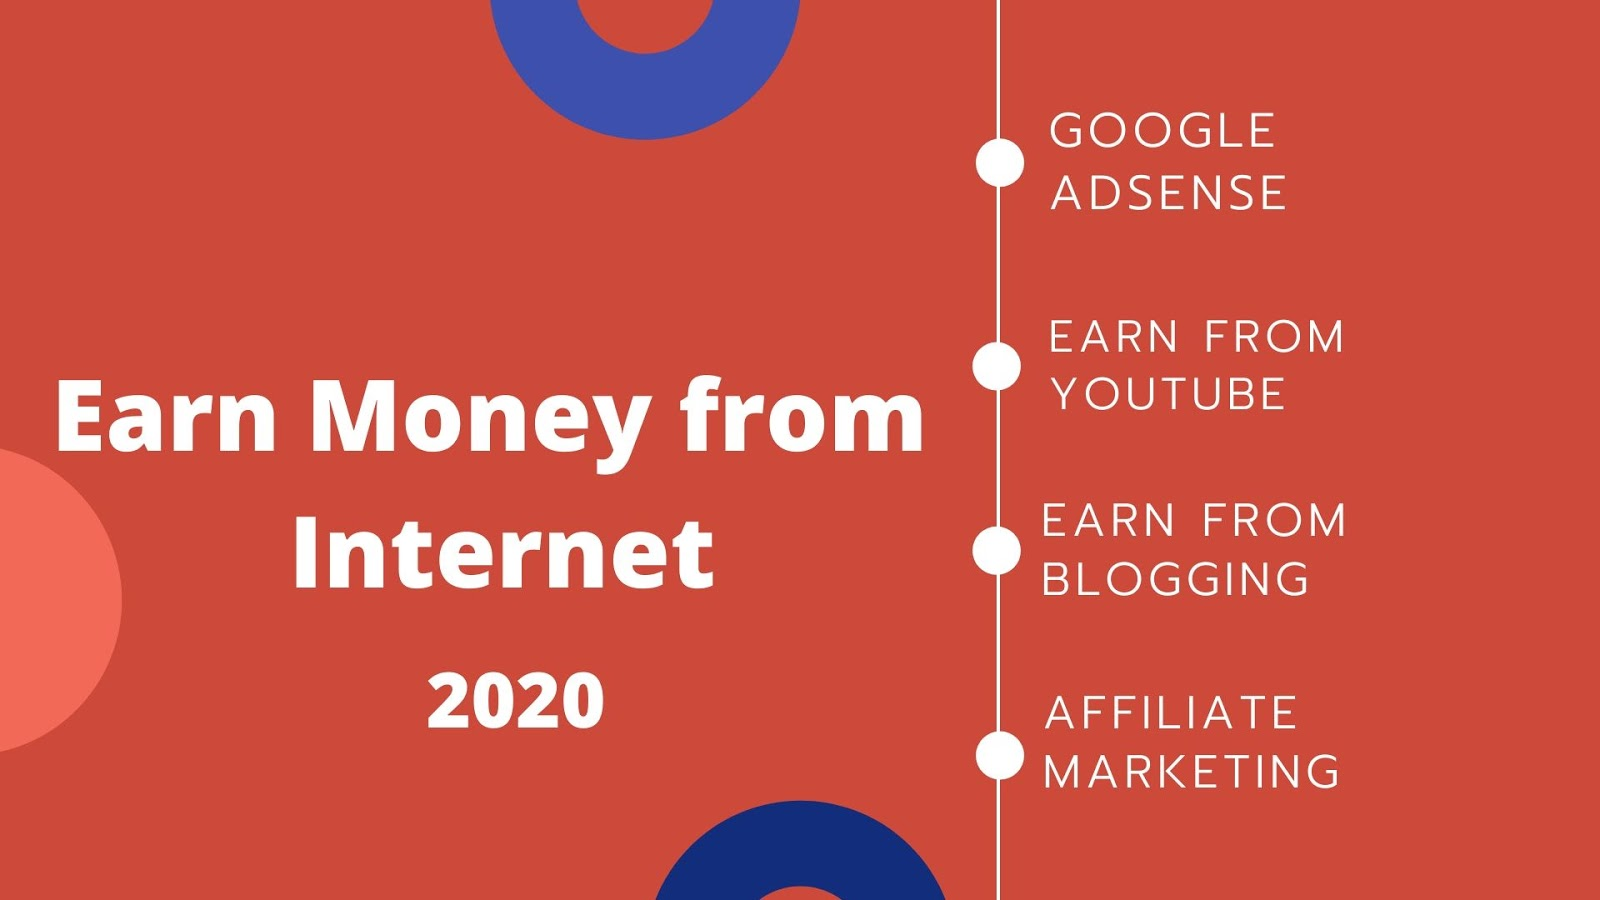 Earn Money from Internet, Google Adsense, Youtube, Blogger